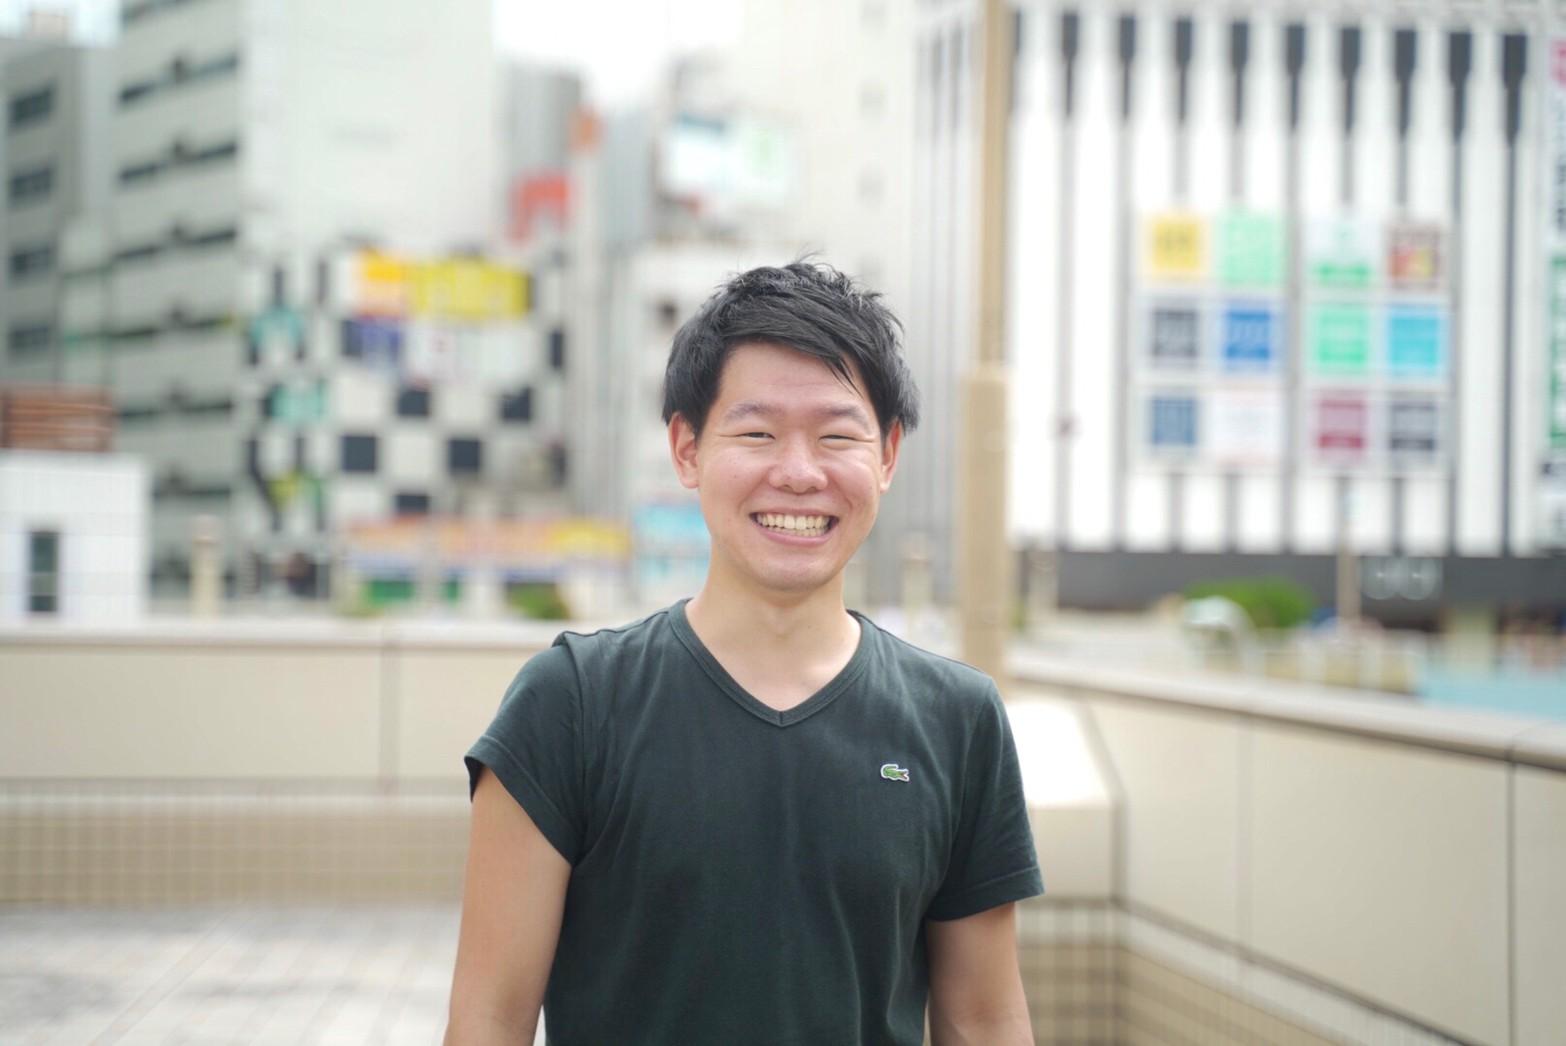 英語勉強したい。でも続かない!そんな人にぜひ繋がって欲しいファミリーを紹介します